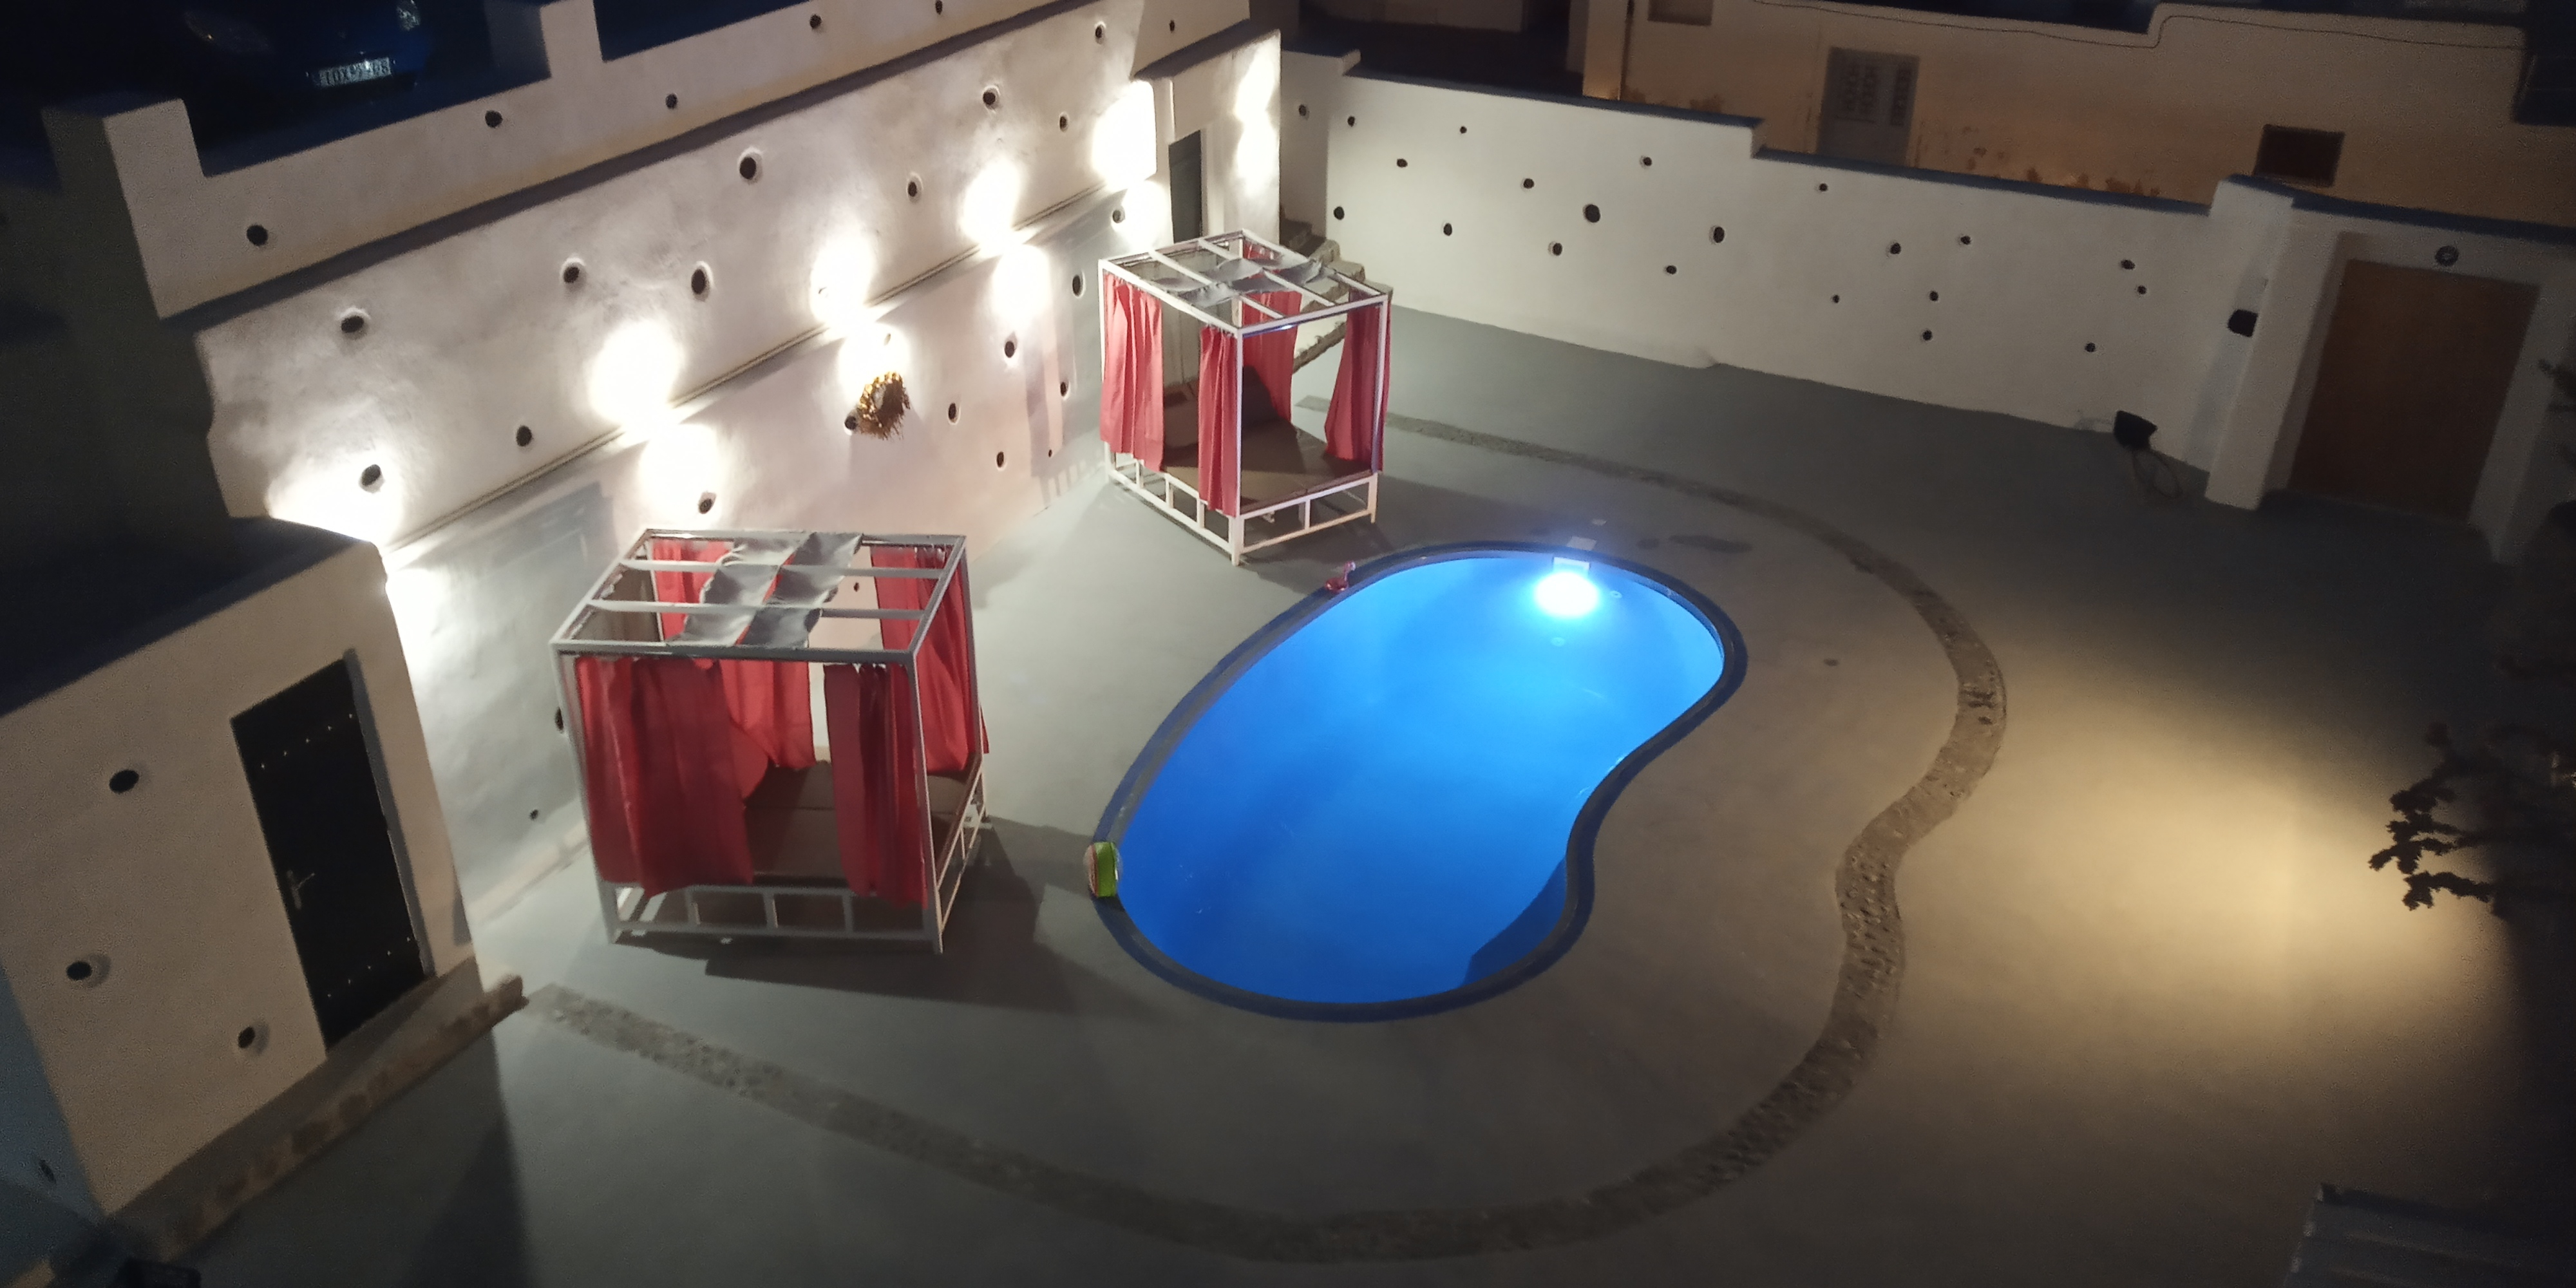 Santorini Summer Vibes - Private Pool & Sauna